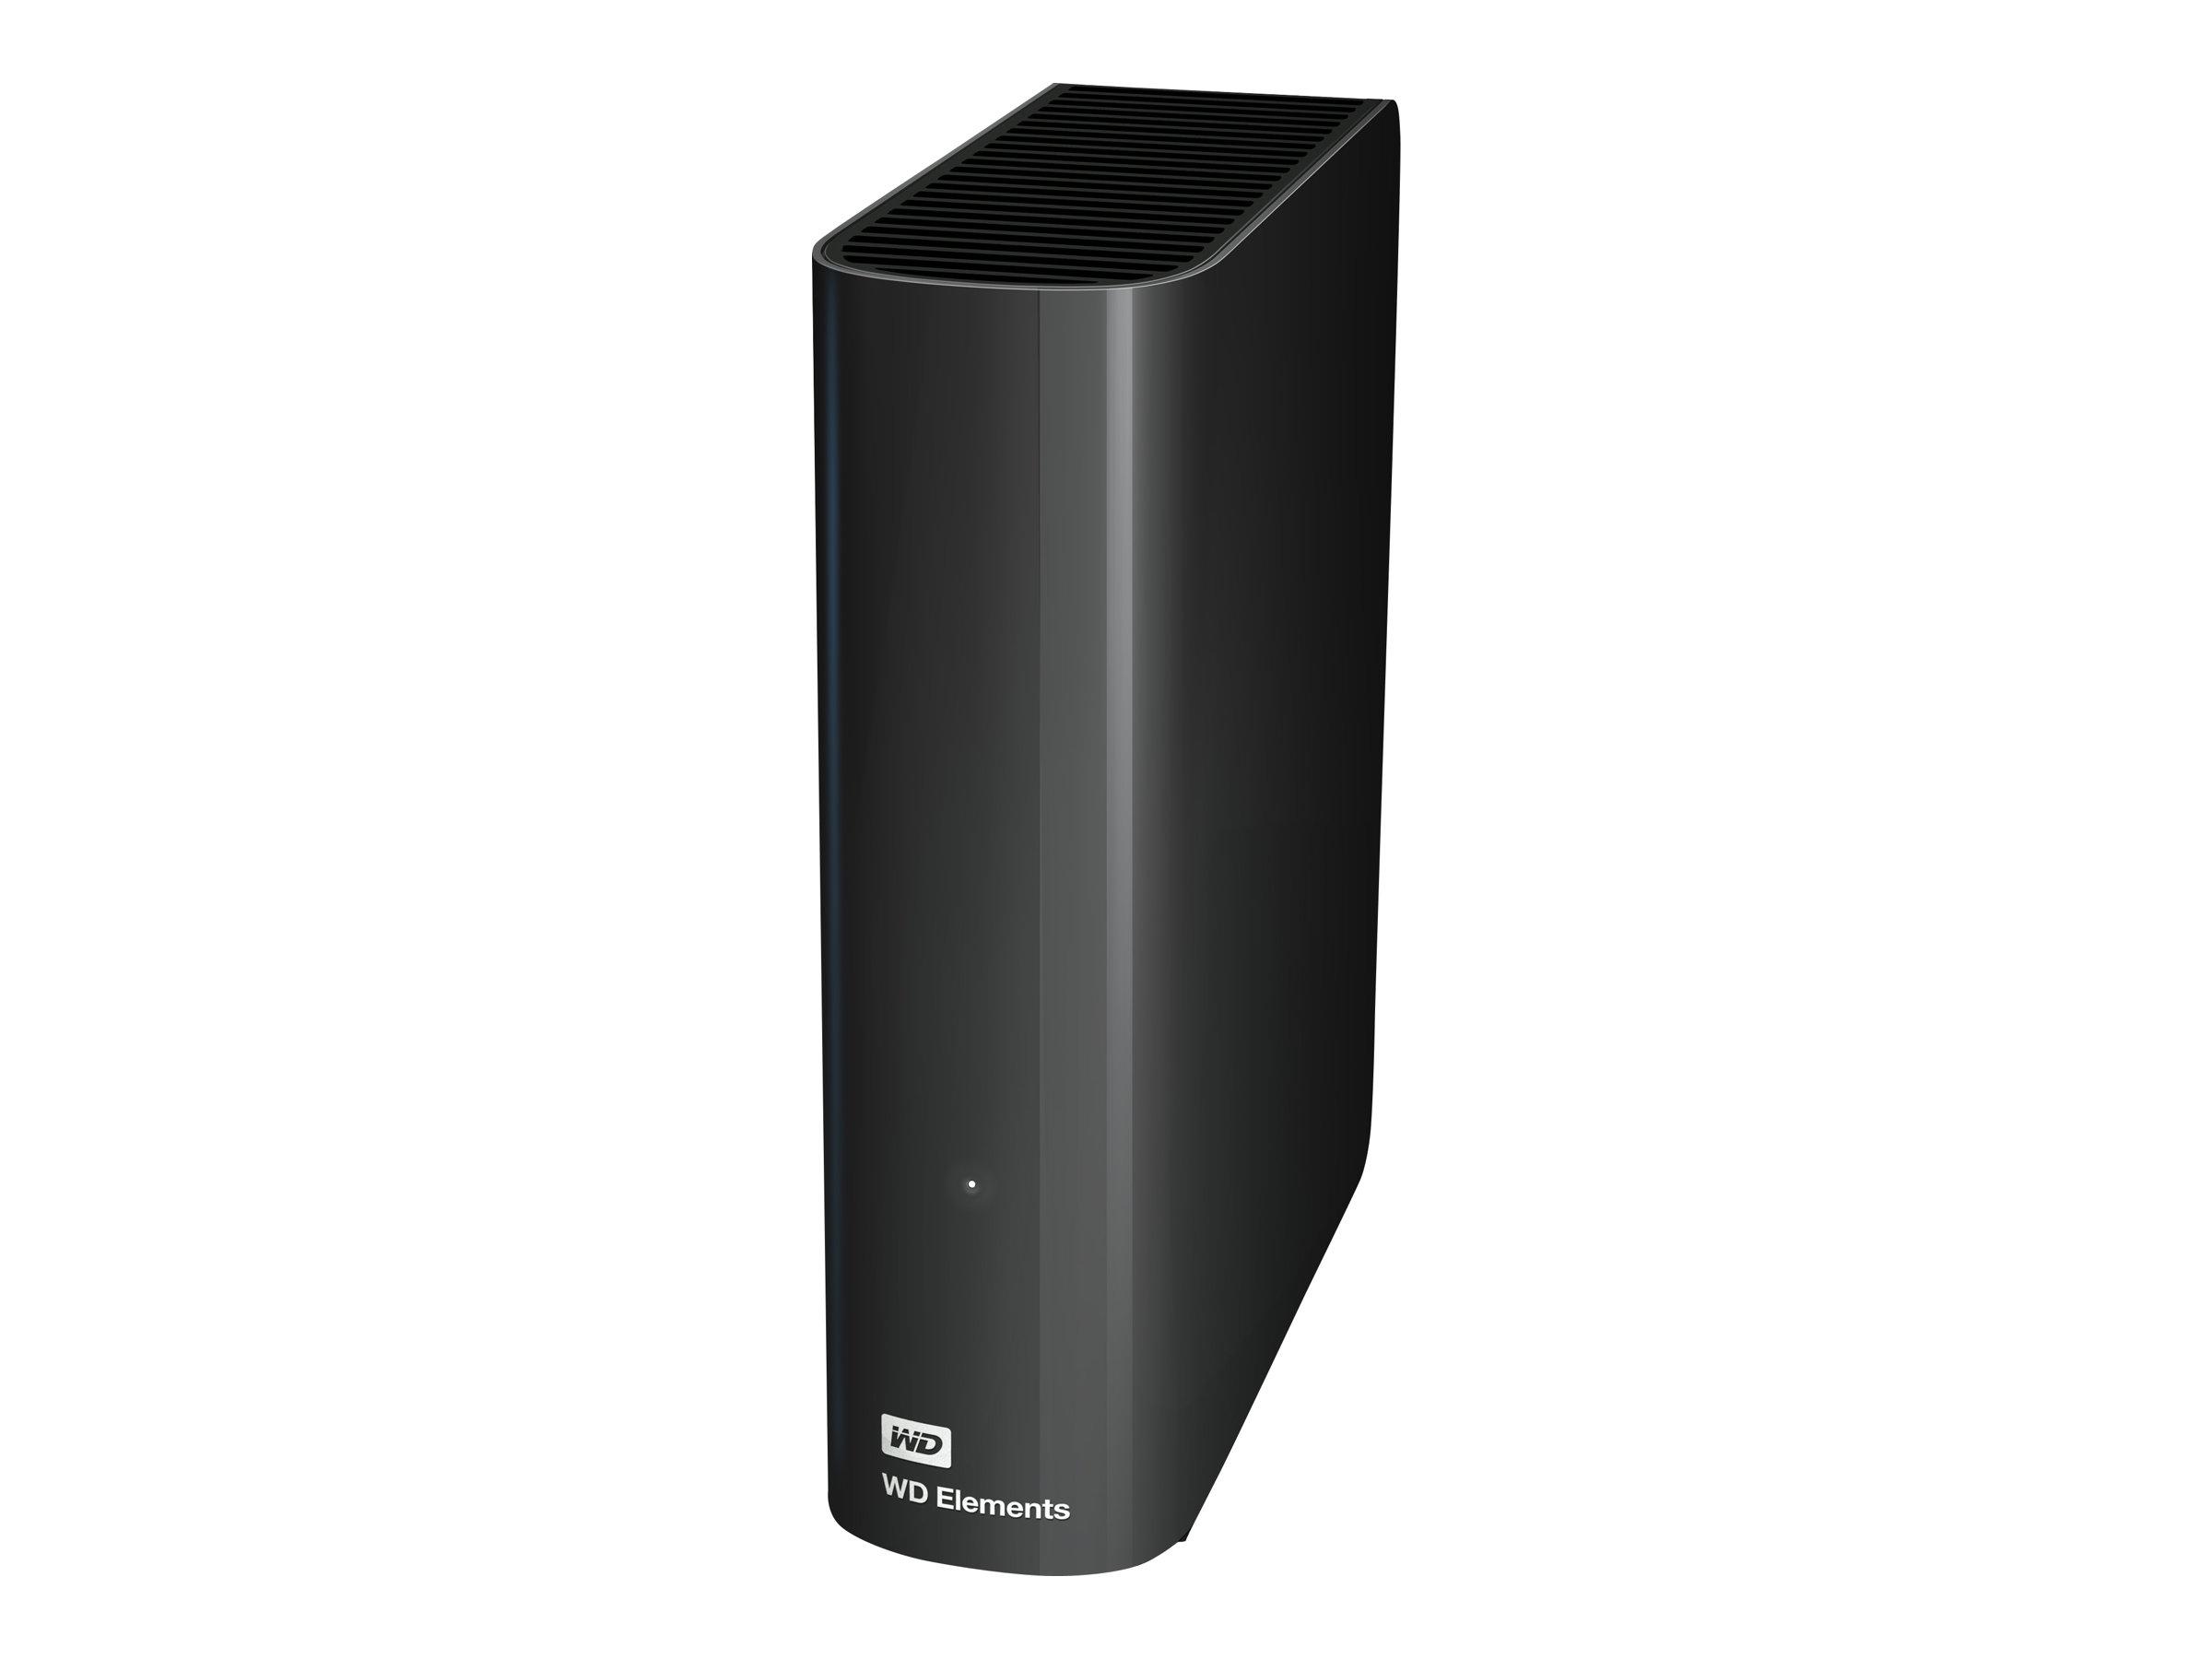 WD Elements Desktop WDBWLG0030HBK - Festplatte - 3 TB - extern (Stationär)